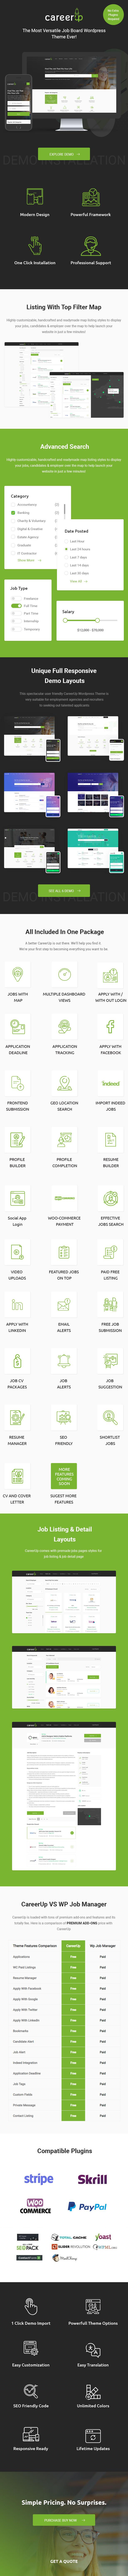 CareerUp - Job Board WordPress Theme - 4